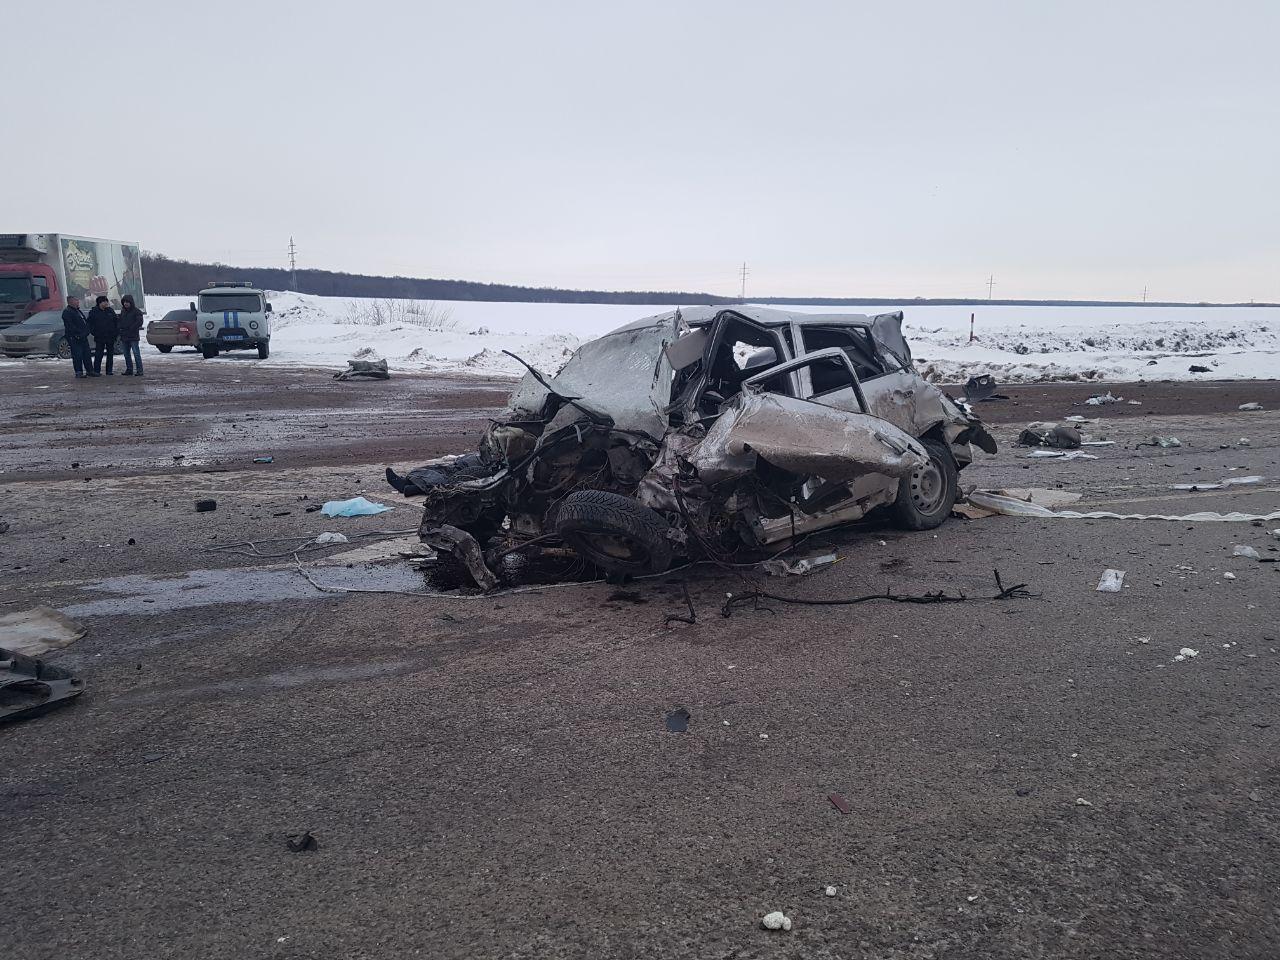 Житель Татарстана под Уфой стал виновником массового ДТП со смертельным исходом (ФОТО)